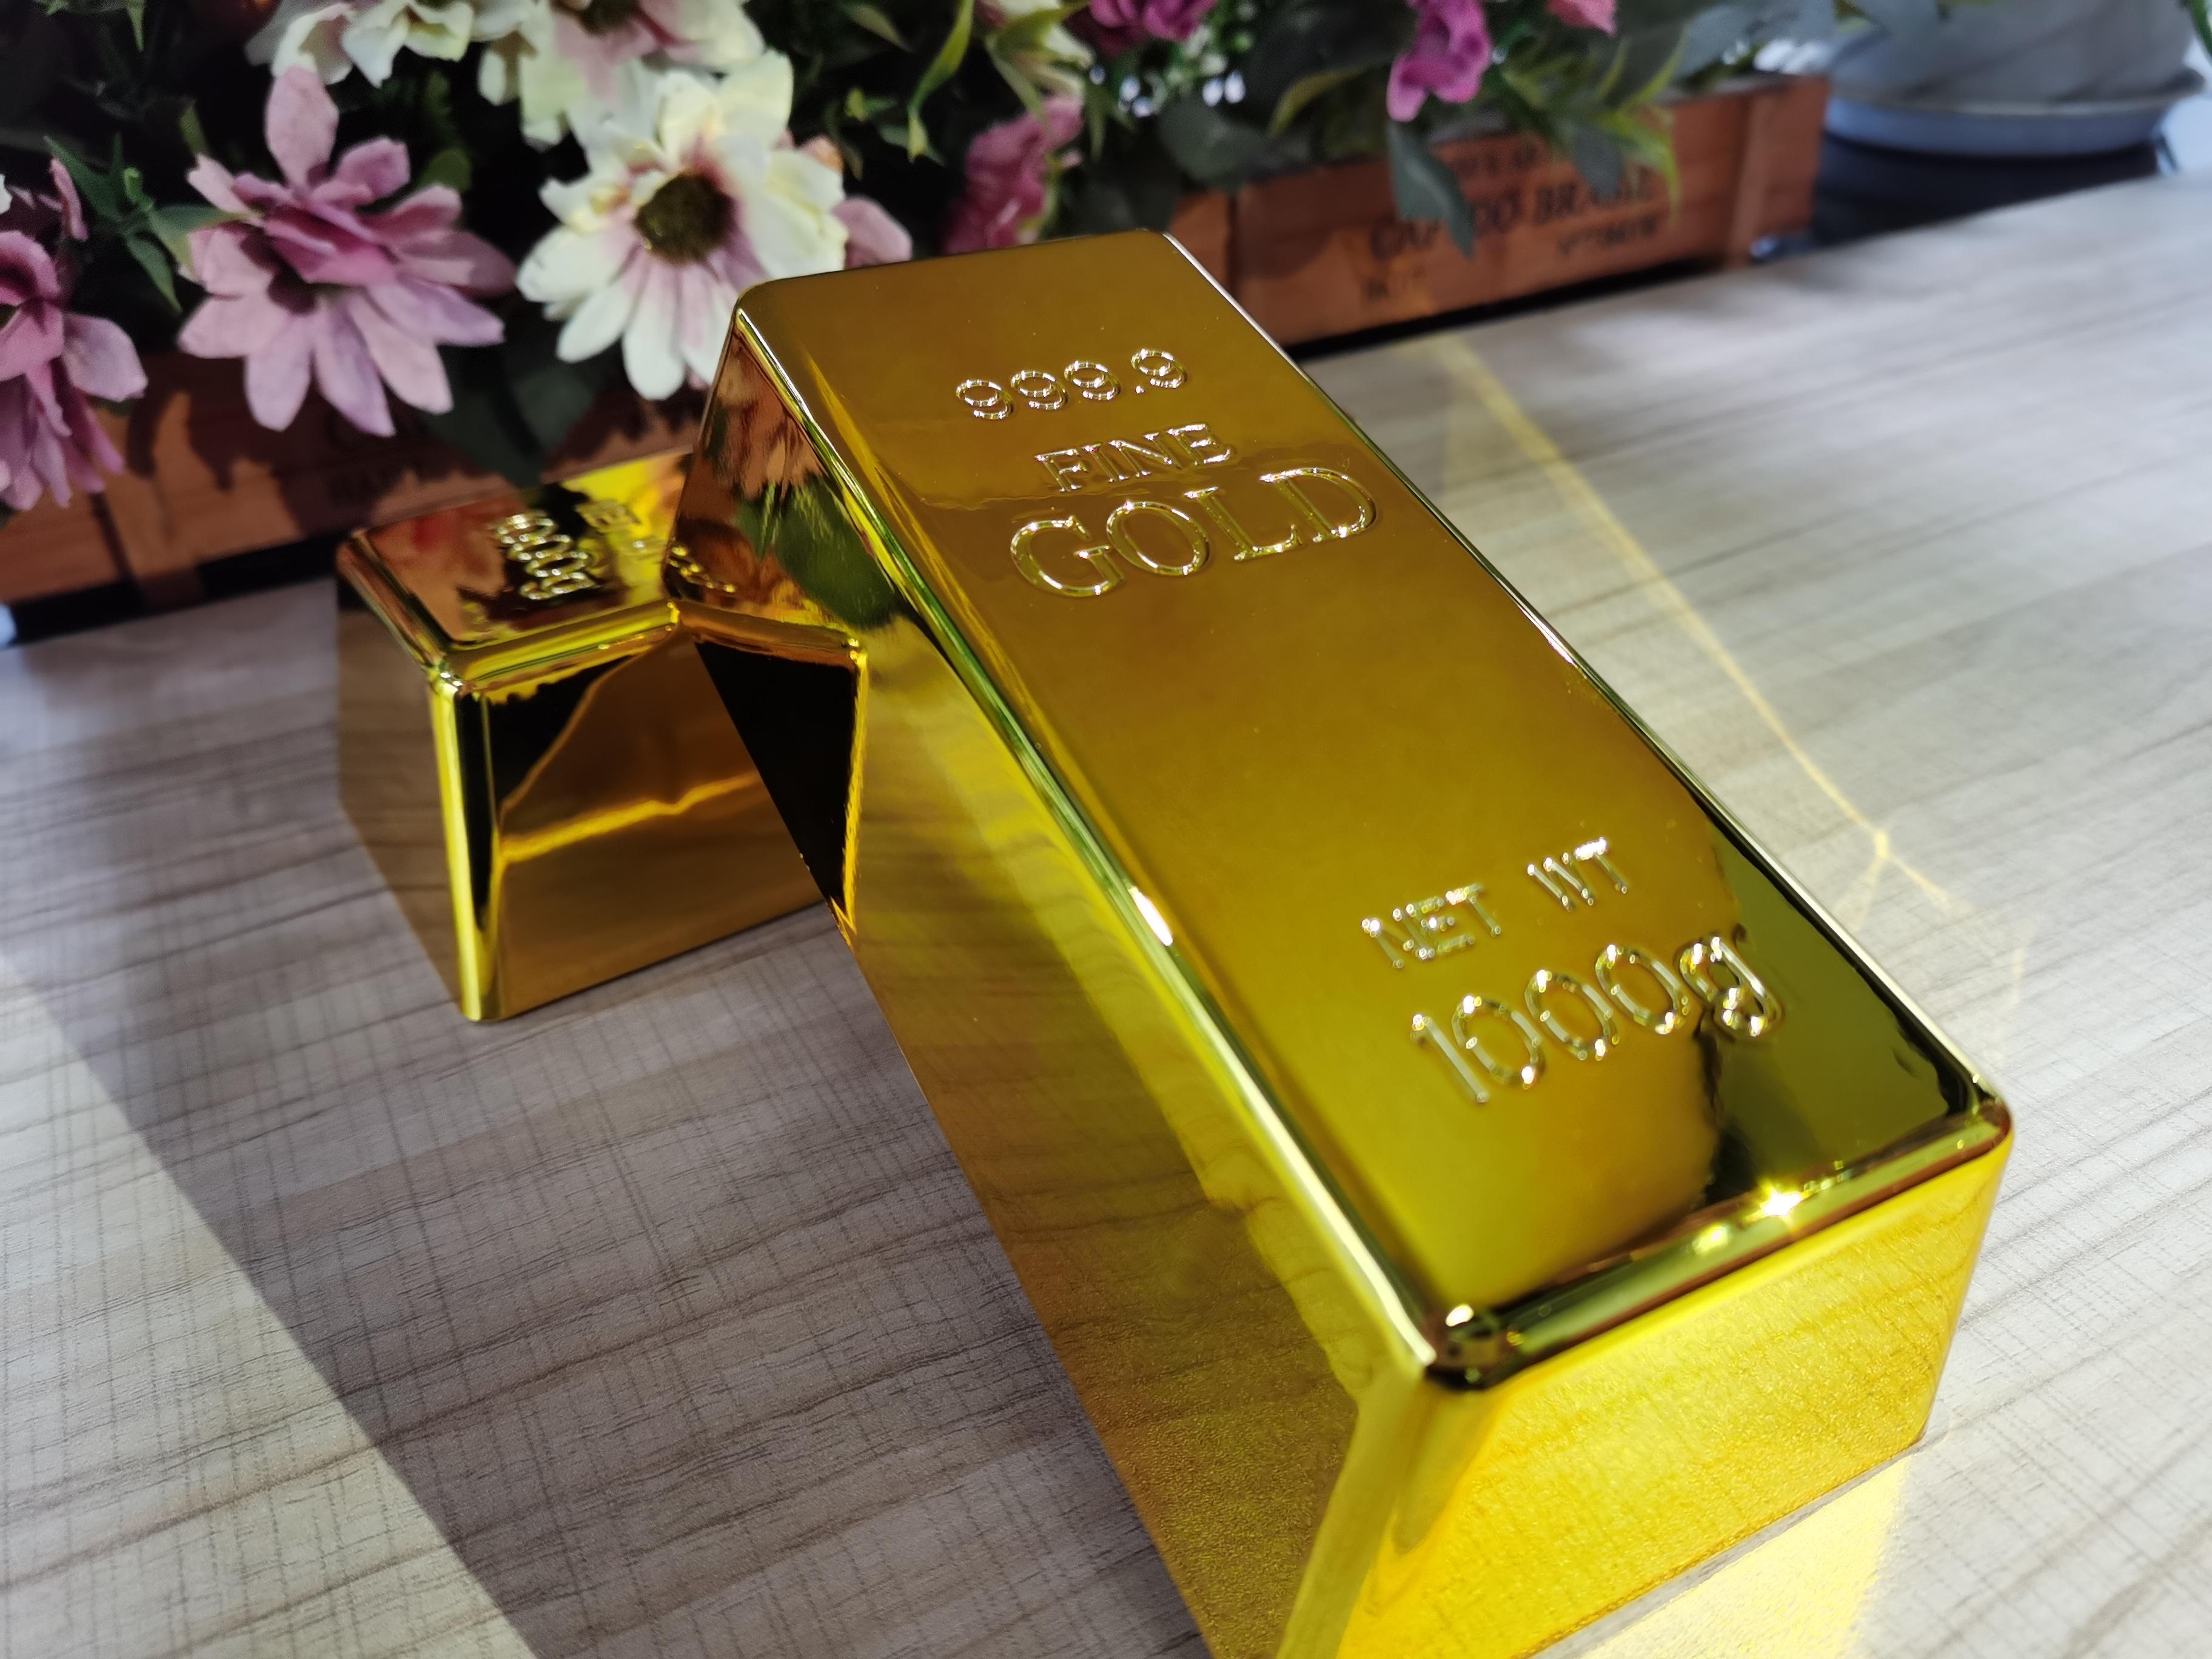 黃金再次跌破2020 兩個交易日內下落超50美元